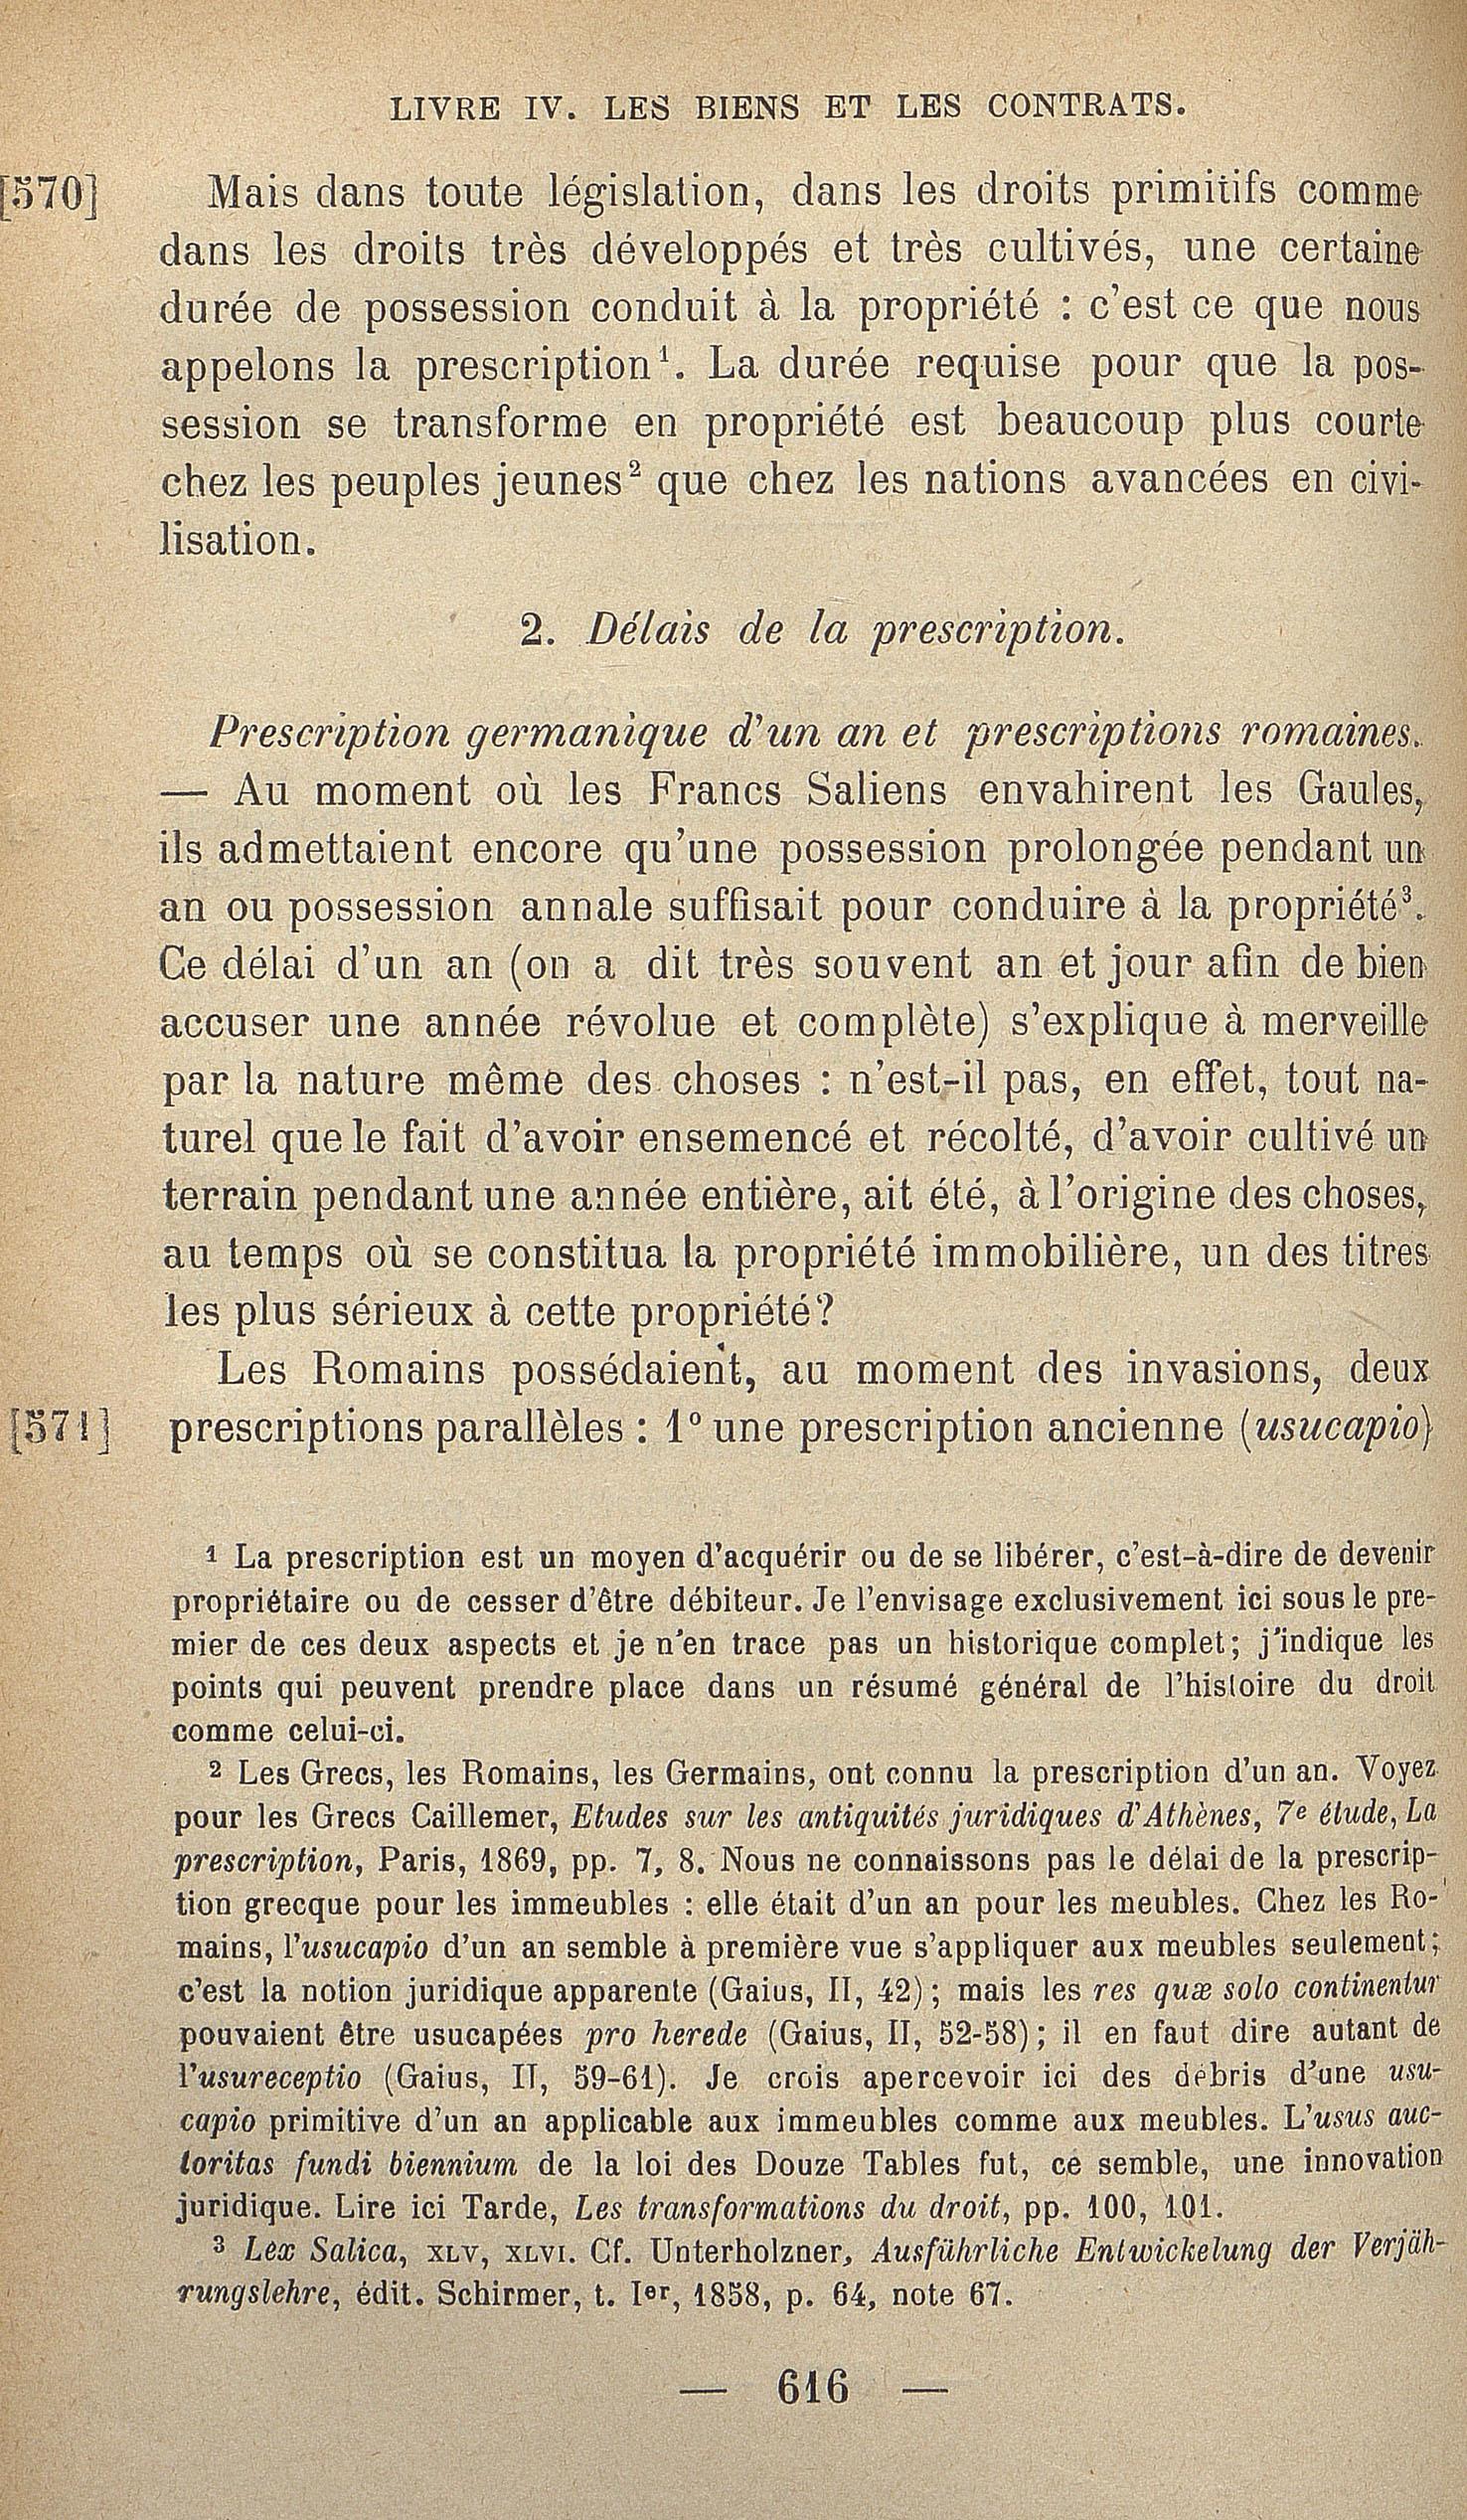 http://expo-paulviollet.univ-paris1.fr/wp-content/uploads/2016/02/0605121670_0626.jpg